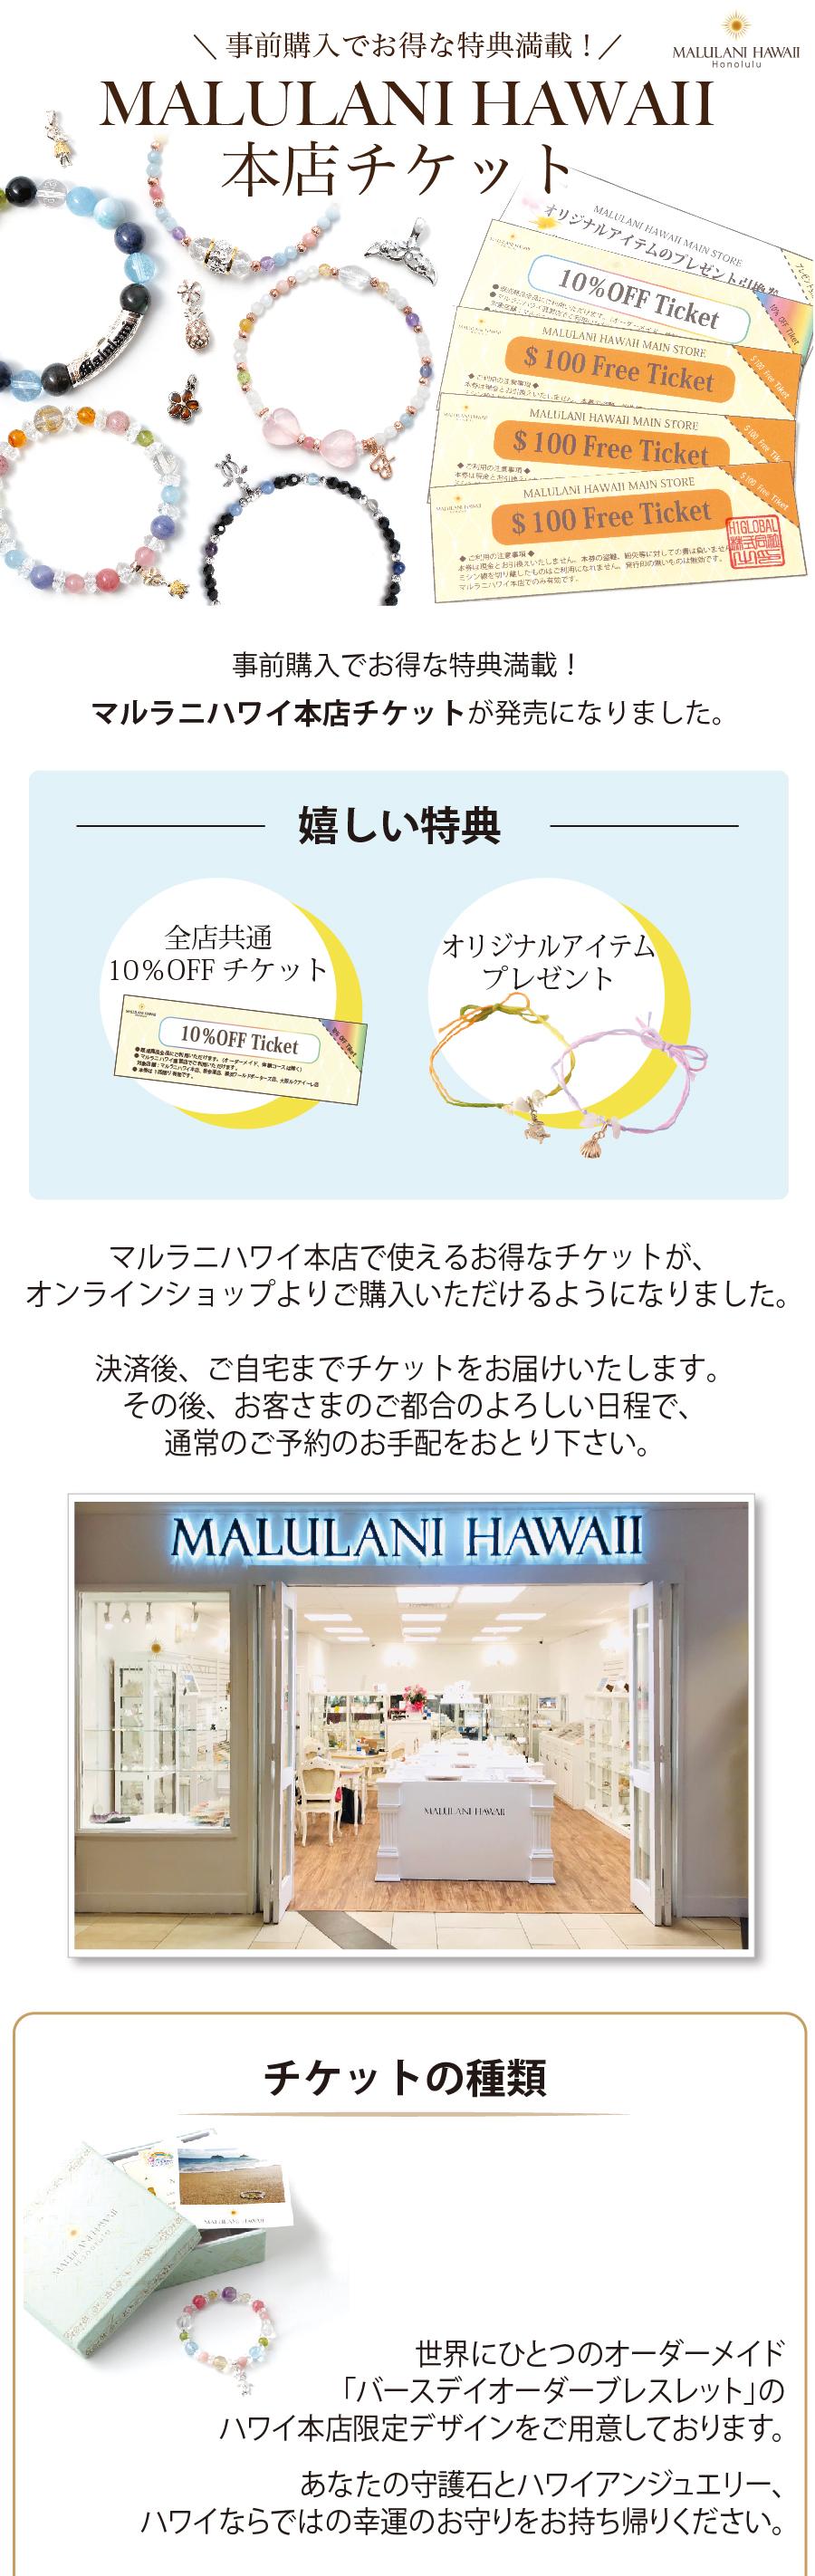 page_hawaii_order_cicket_01